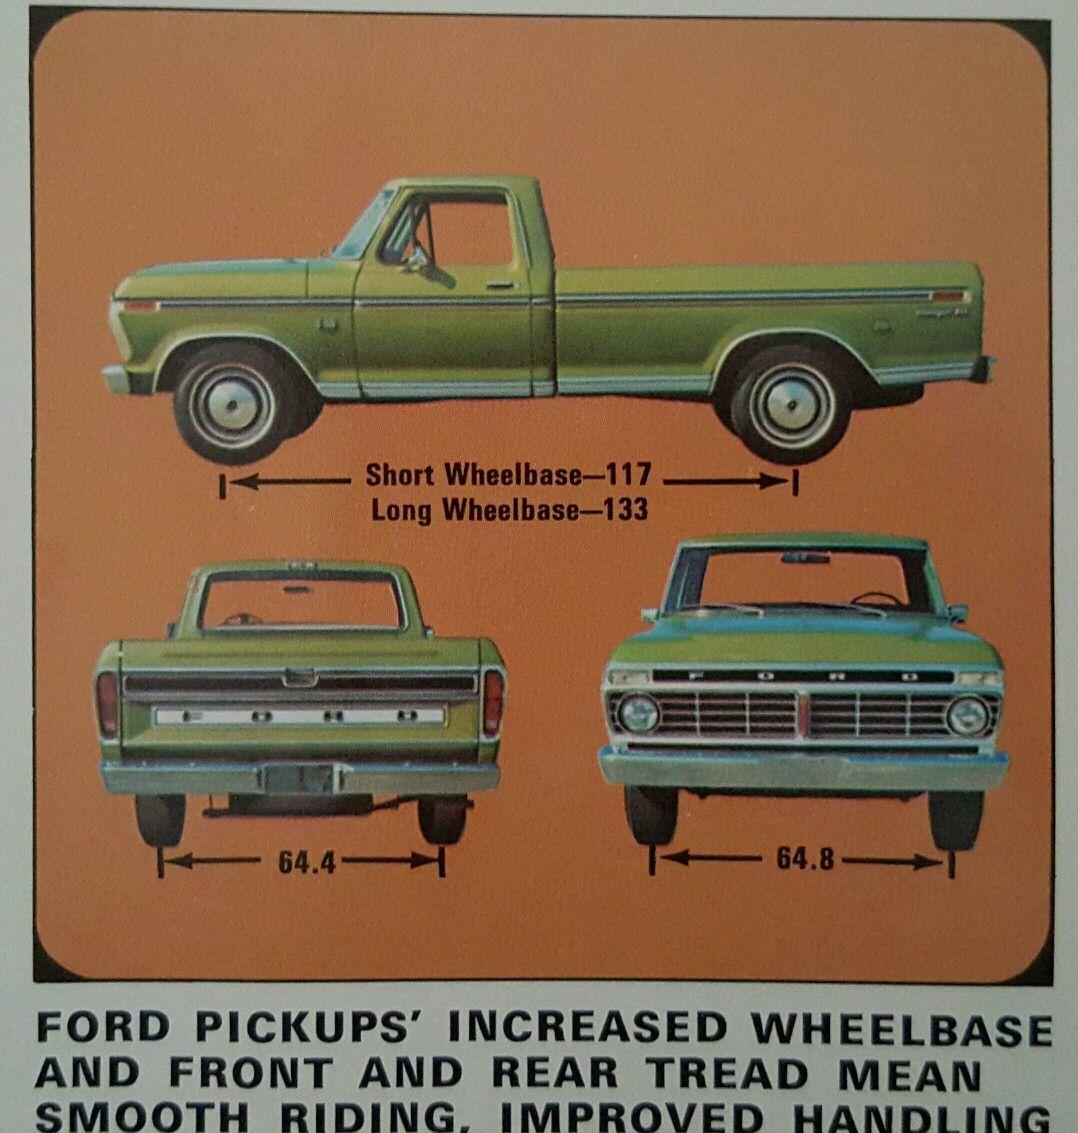 1973 Ford Pickup Truck Ford Pickup Ford Pickup Trucks Ford Trucks